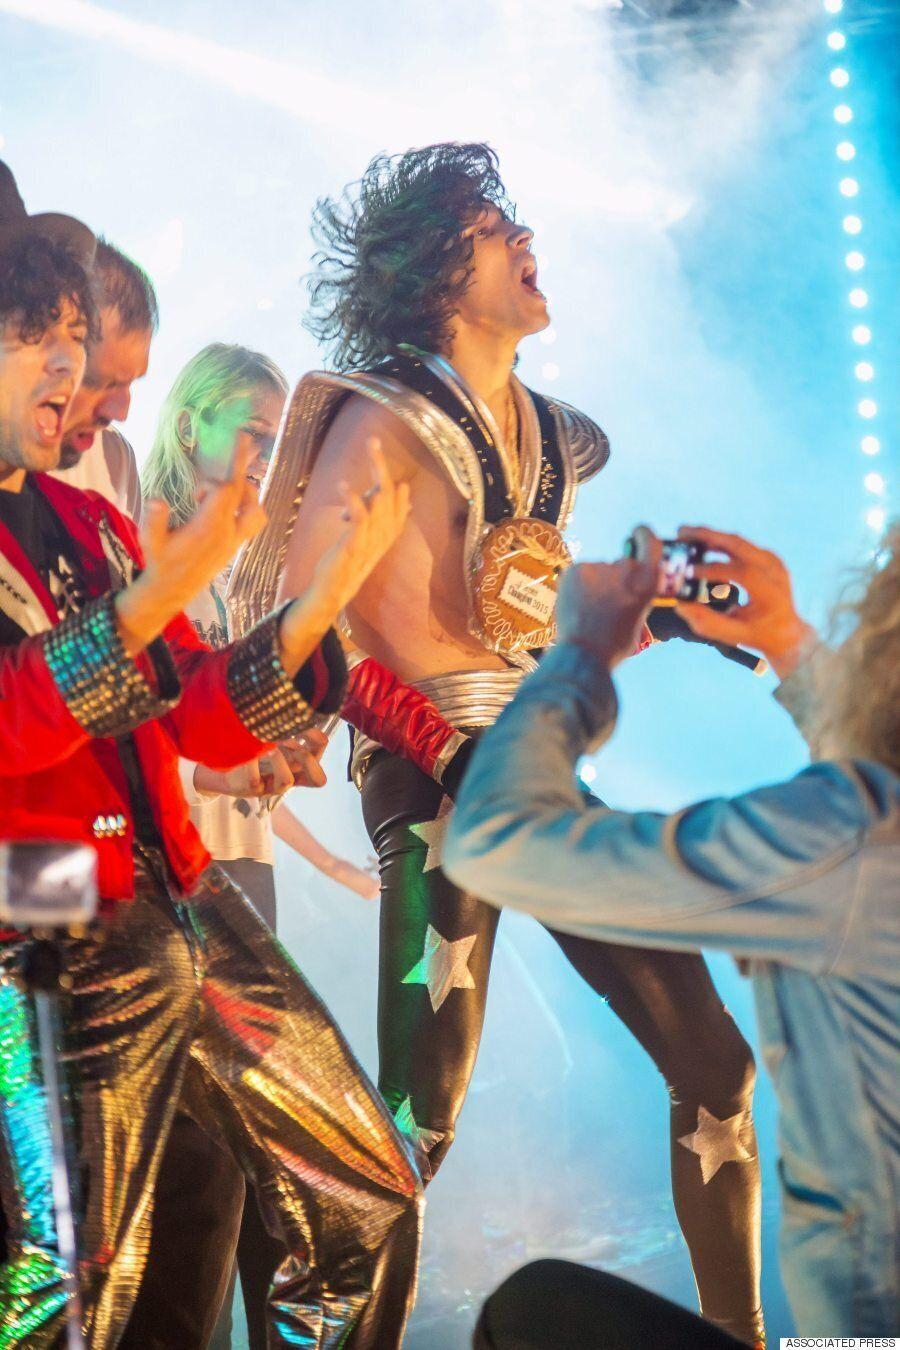 '2015년 에어 기타 월드 챔피언쉽'은 이런 광경이다(사진,